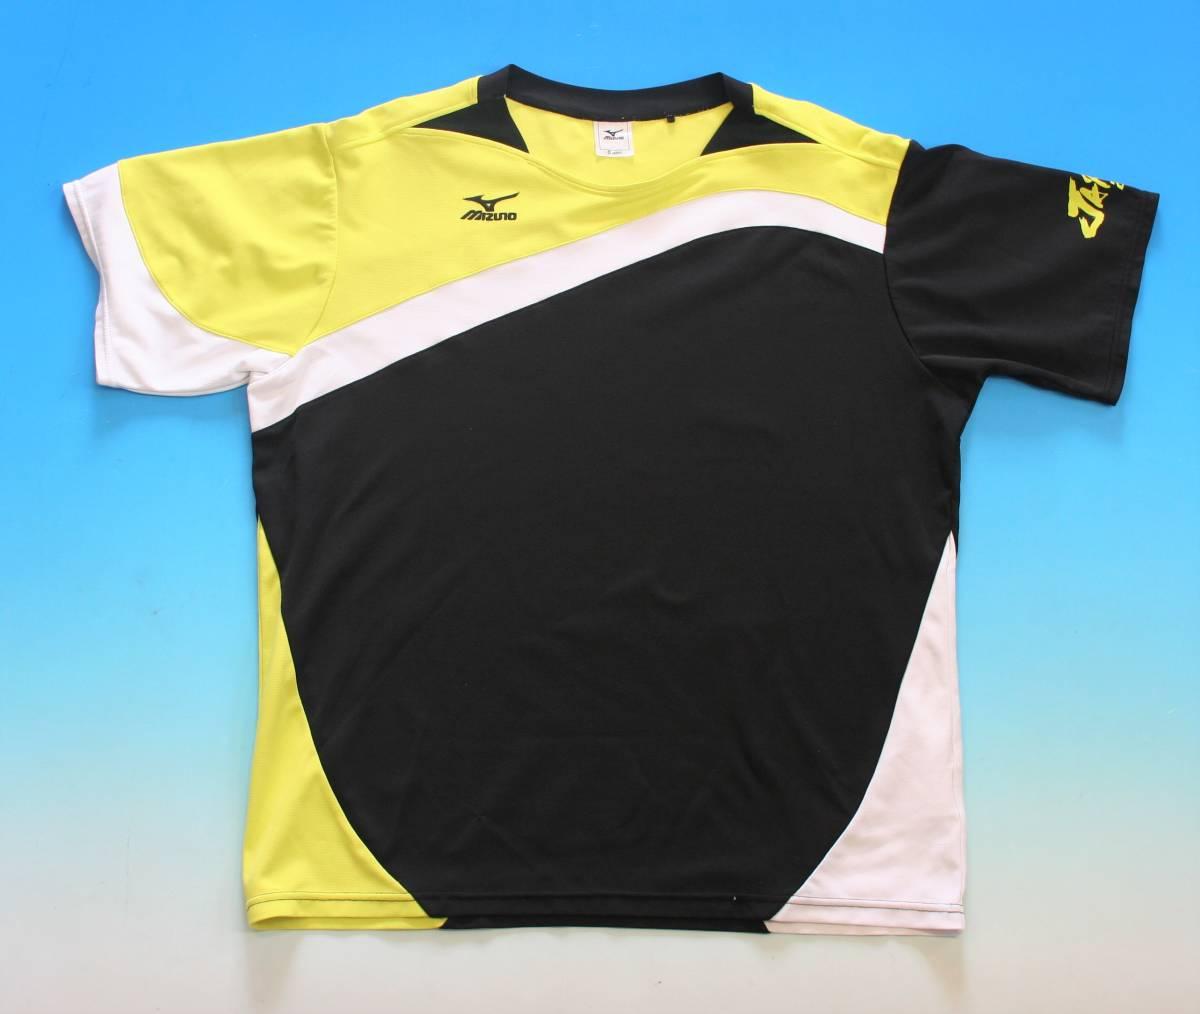 非売品★ MIZUNO(ミズノ)ソフトテニス日本代表 JAPAN ゲームシャツ(レッド)+プラシャツの2枚組_画像6